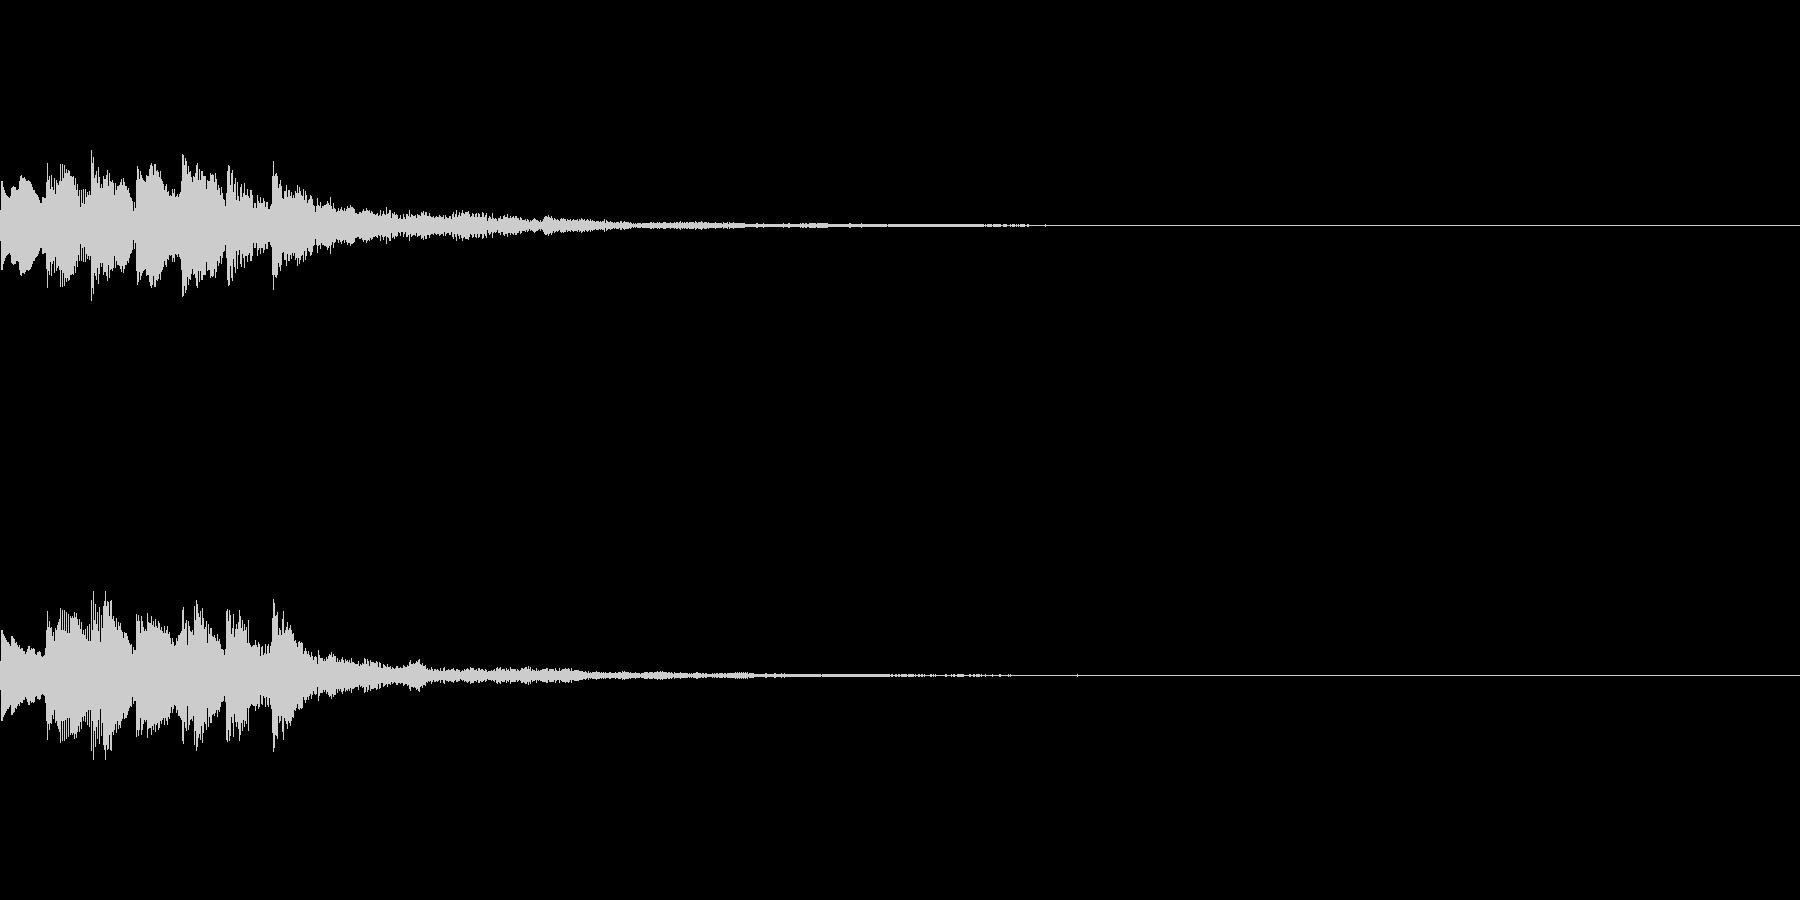 効果音【スタート・獲得・決定・LvUp】の未再生の波形